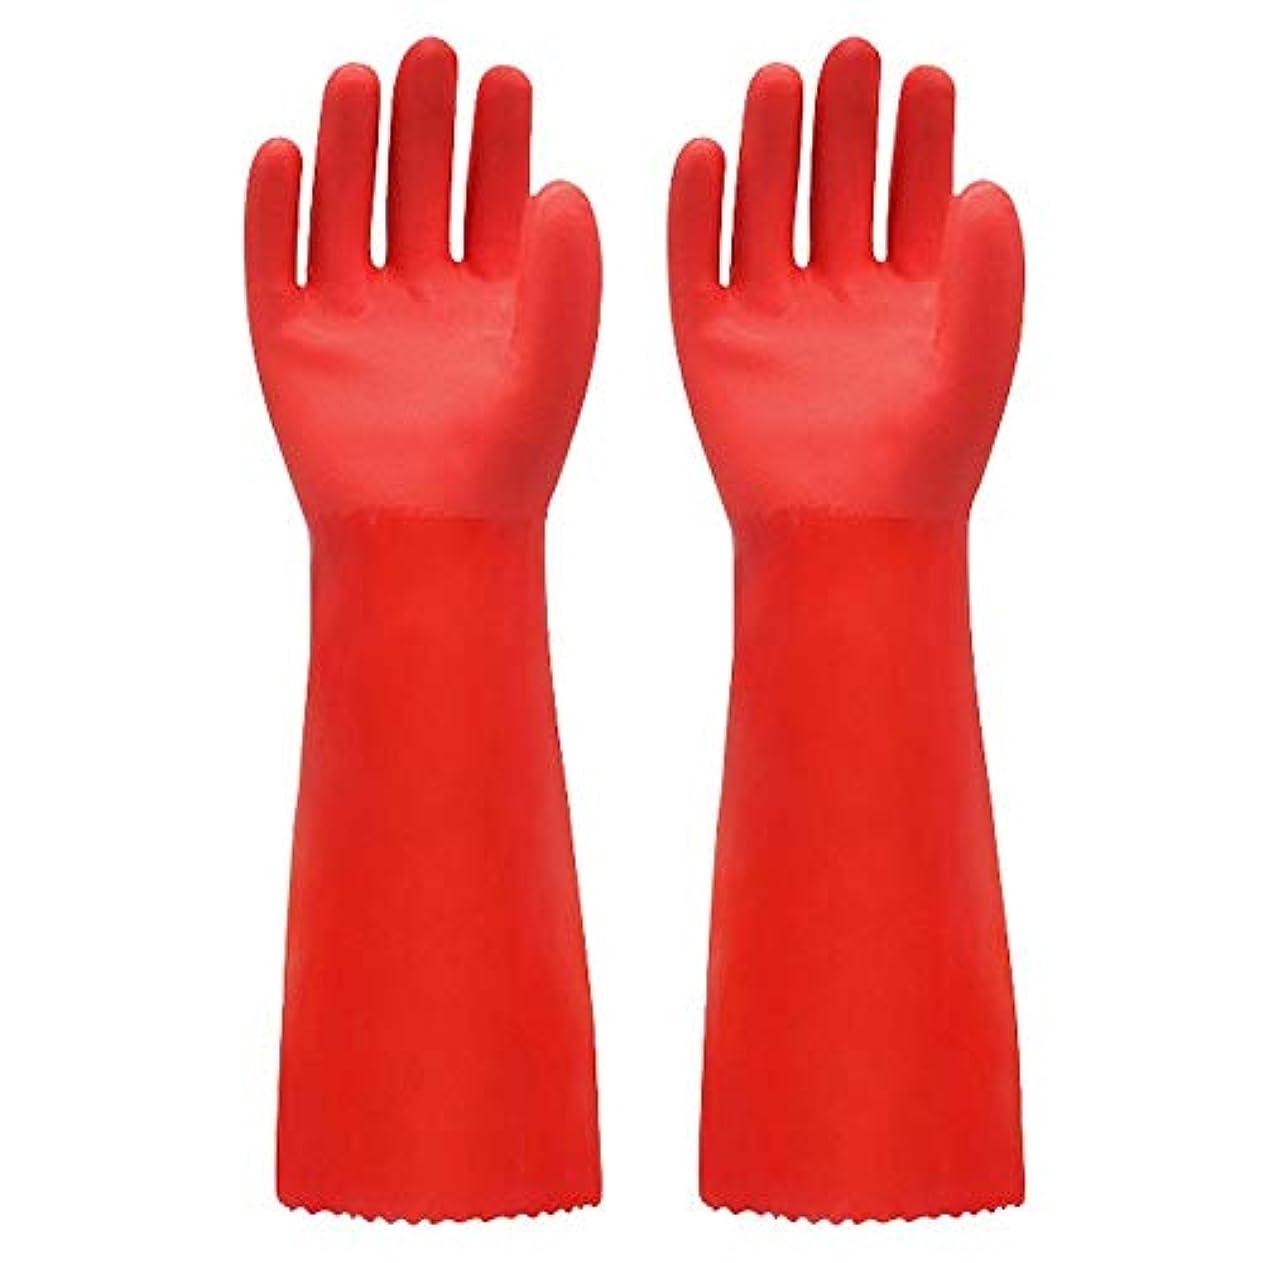 消費するエラー使い捨て手袋 ゴム手袋長く暖かいとビロードのゴム製防水と耐久性のある手袋、1ペア ニトリルゴム手袋 (Color : RED, Size : L)